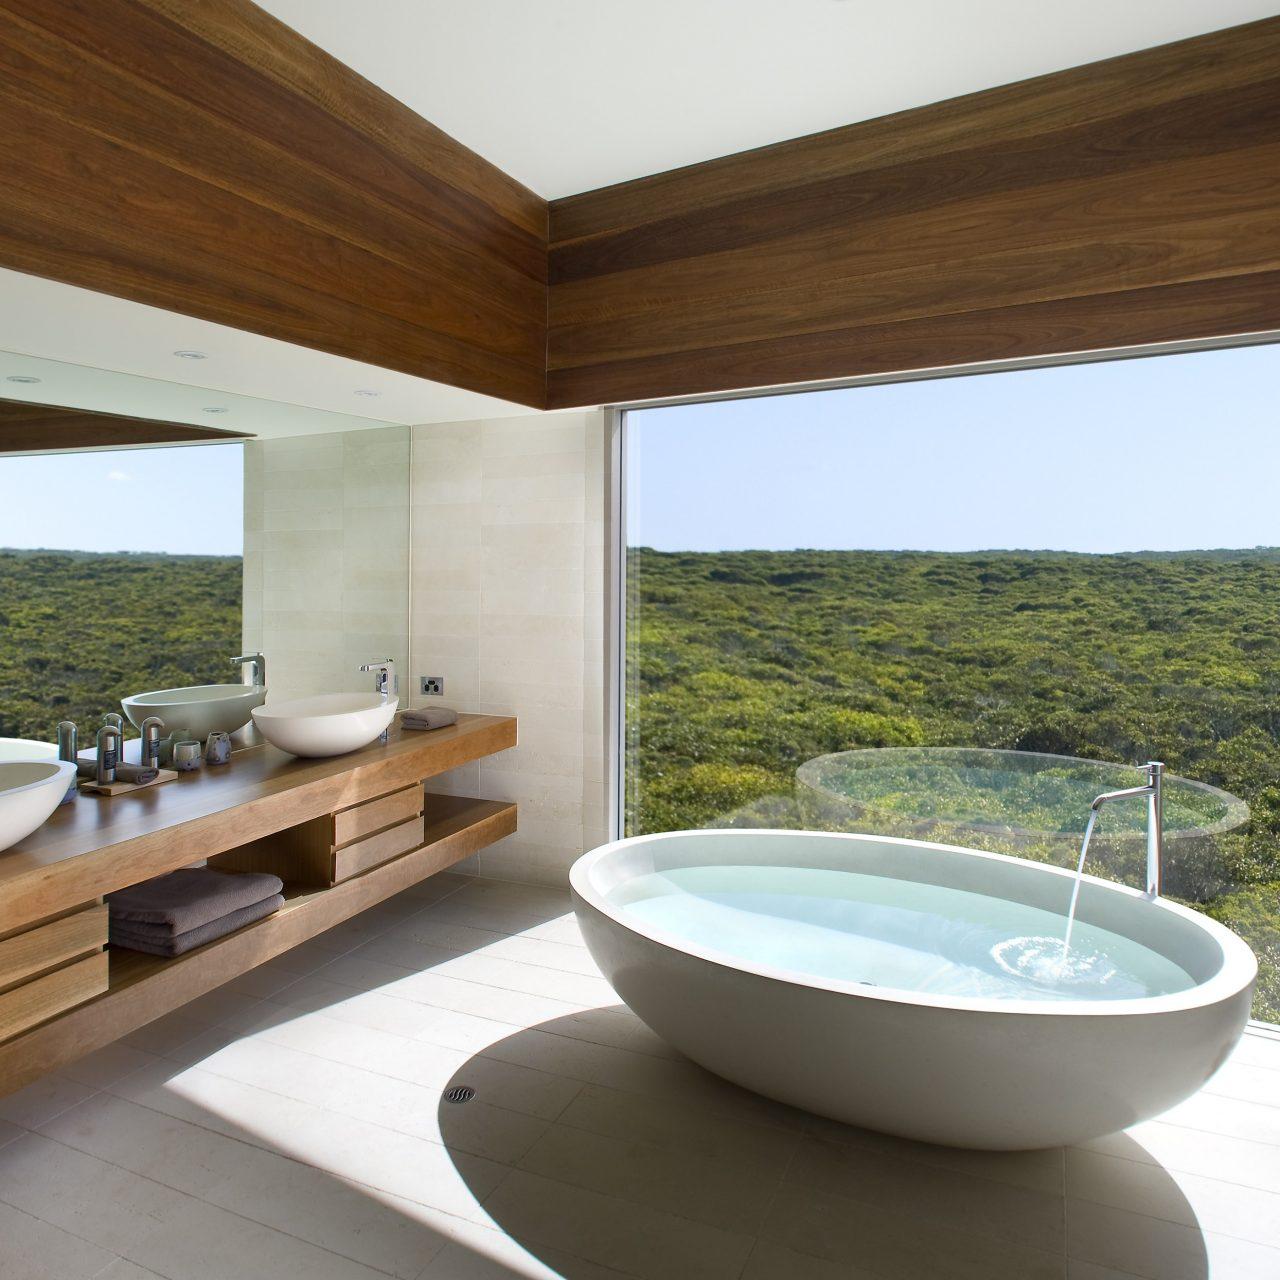 Los baños de hotel se rediseñan con lujo y tecnología